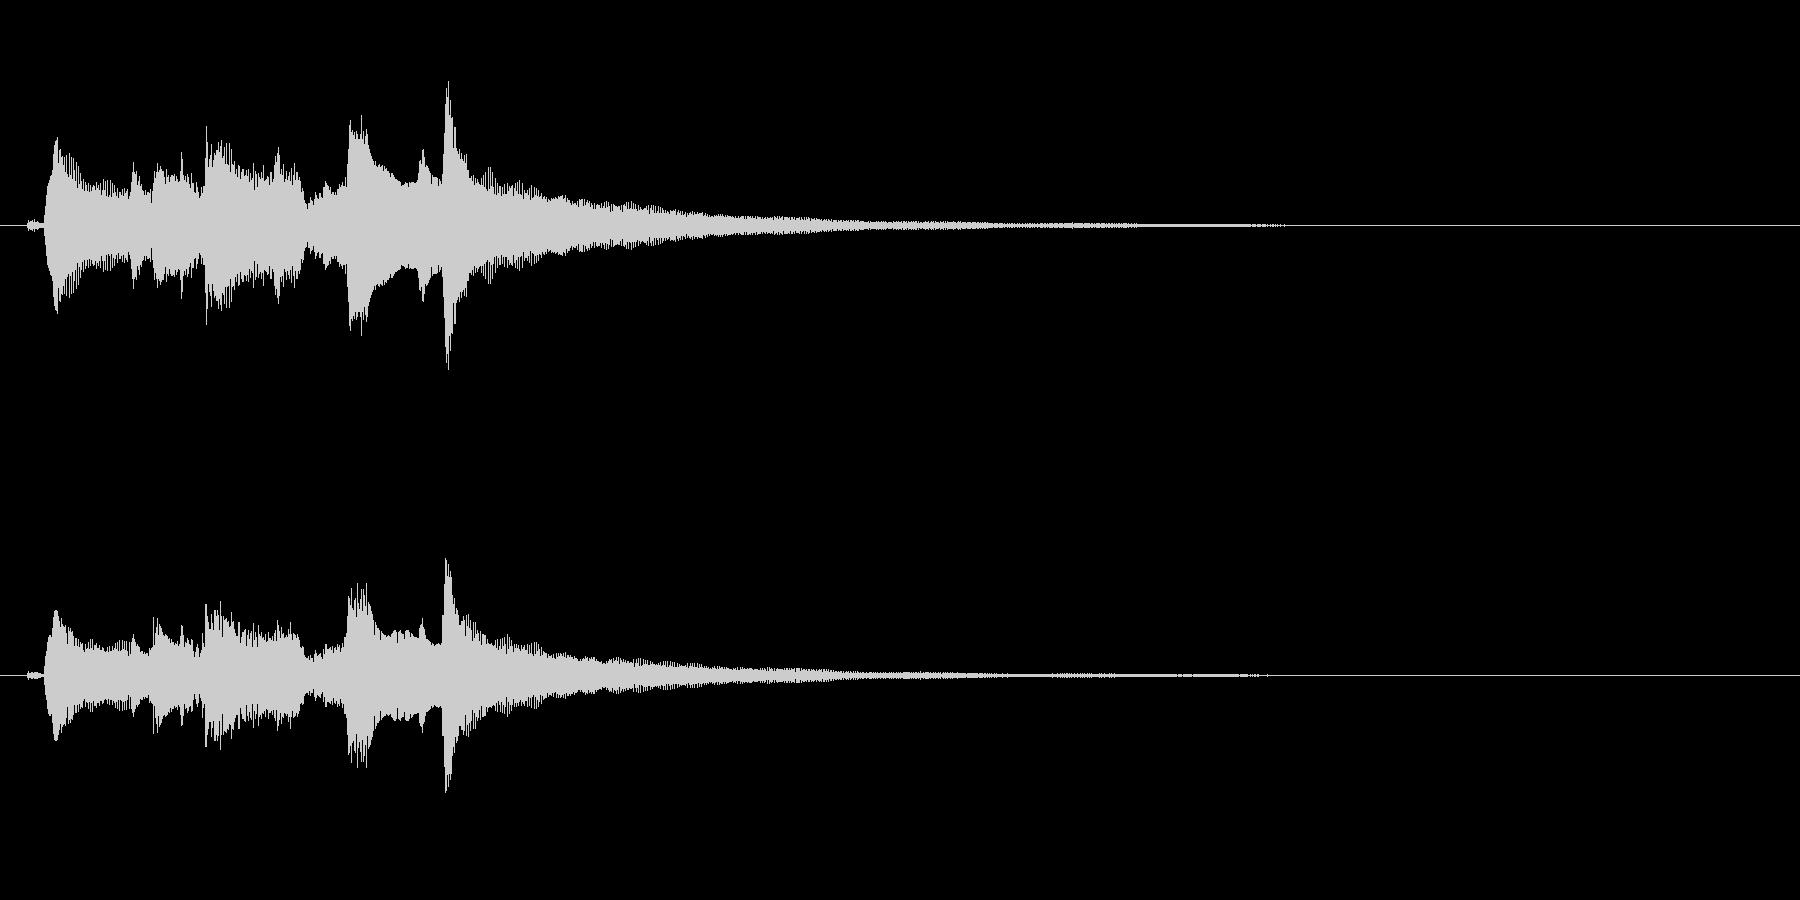 アコースティックギター、ハッピーコ...の未再生の波形